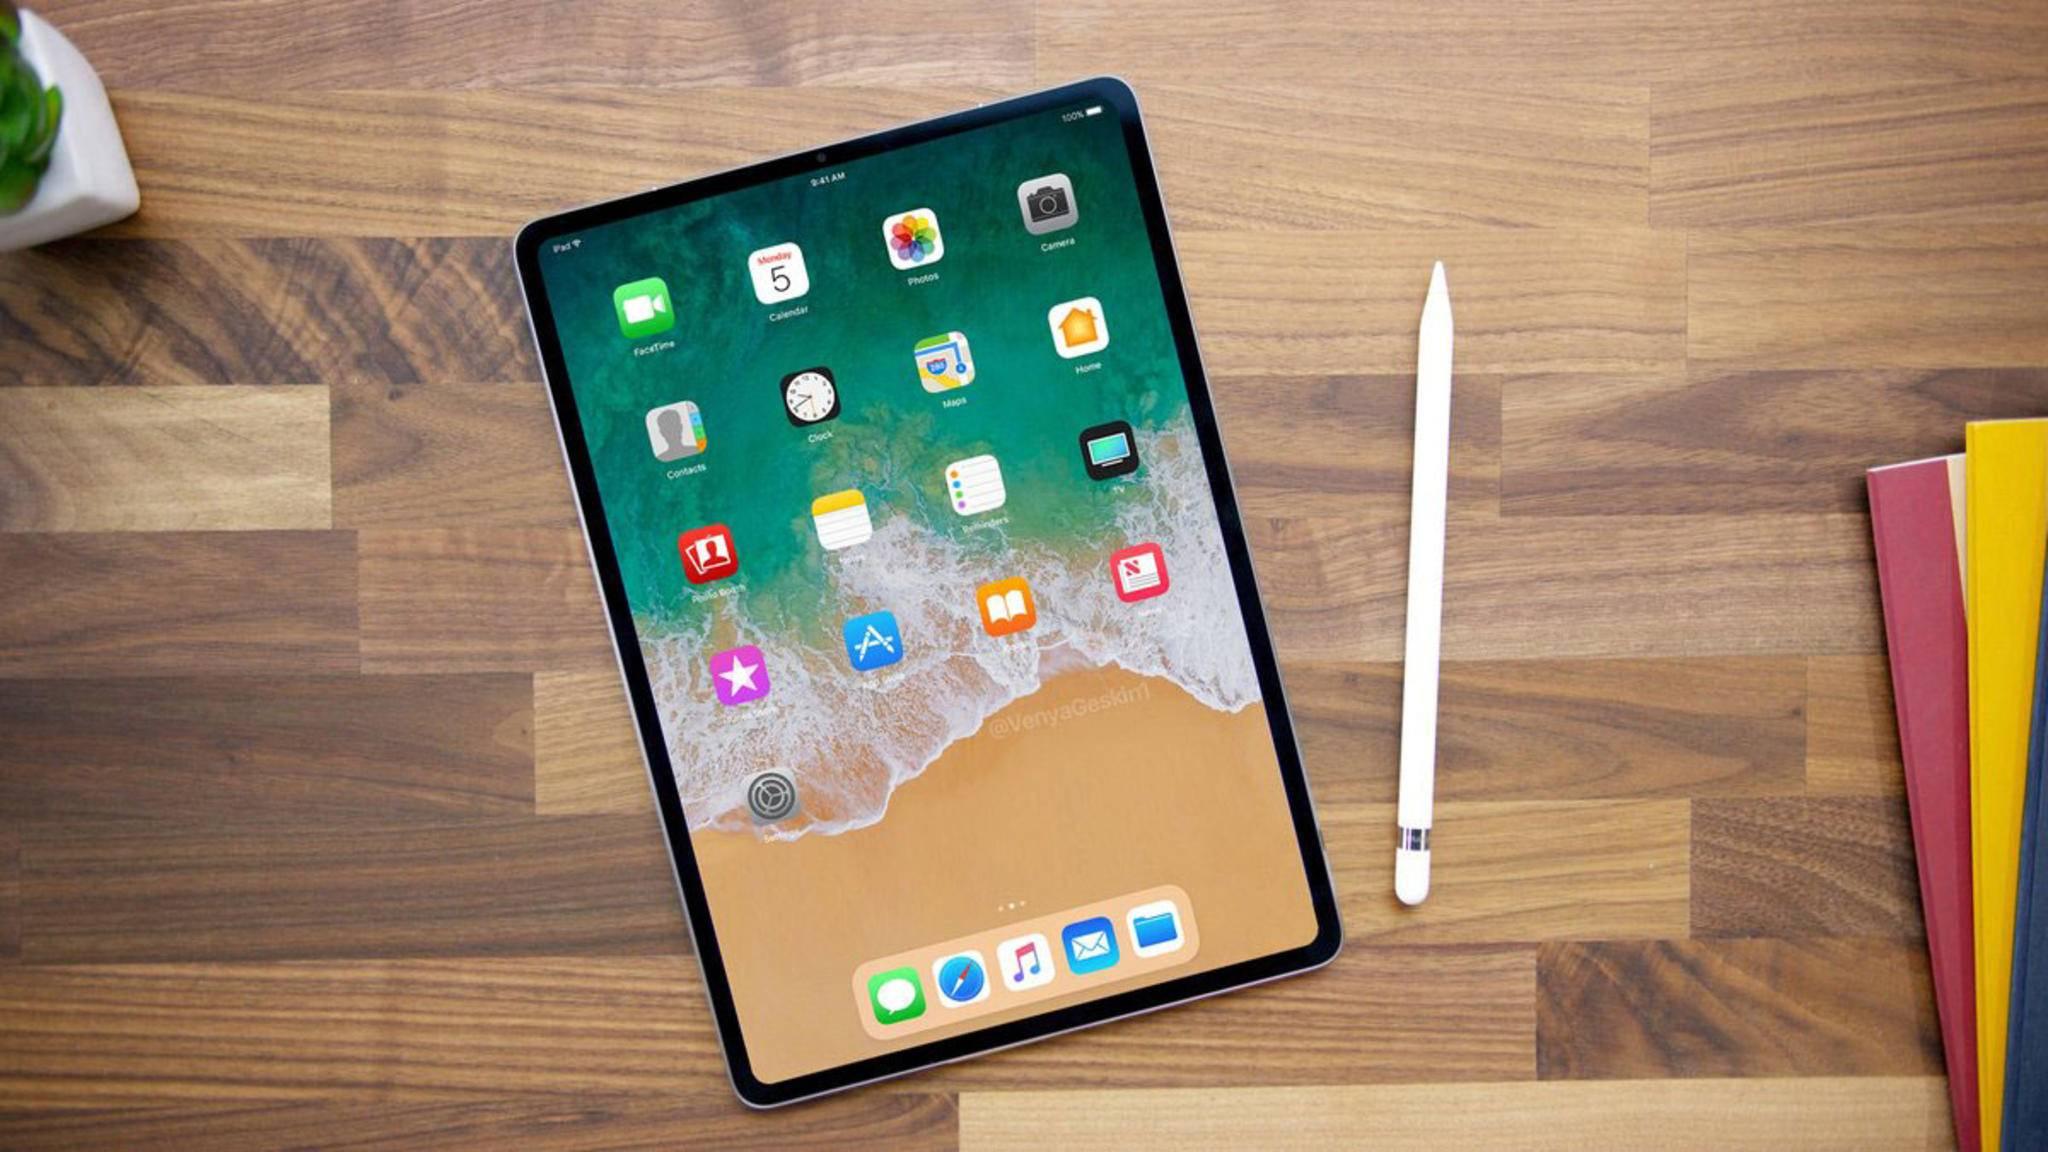 Wird das neue iPad Pro mit Face ID auch im Querformat funktionieren?